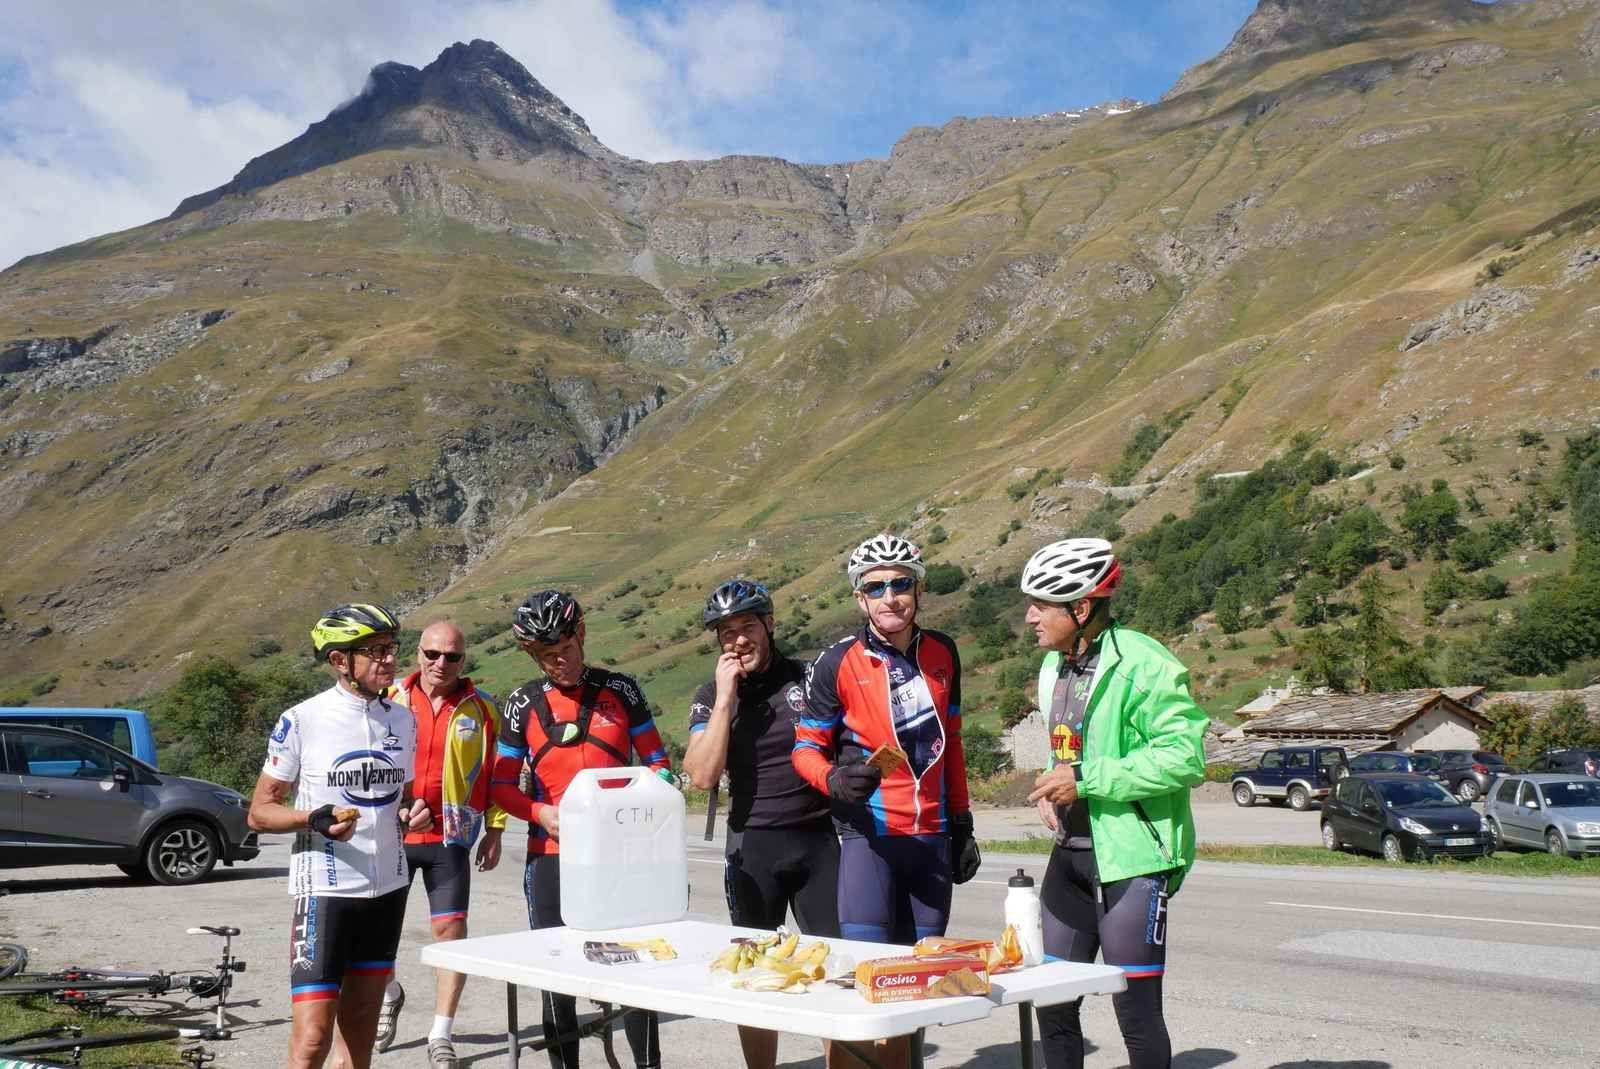 Bonneval Sur Arc. Pain d'épices, bananes et eau avant d'attaquer les 14 km de l'Iseran. Le déjeuner étant prévu après le col.